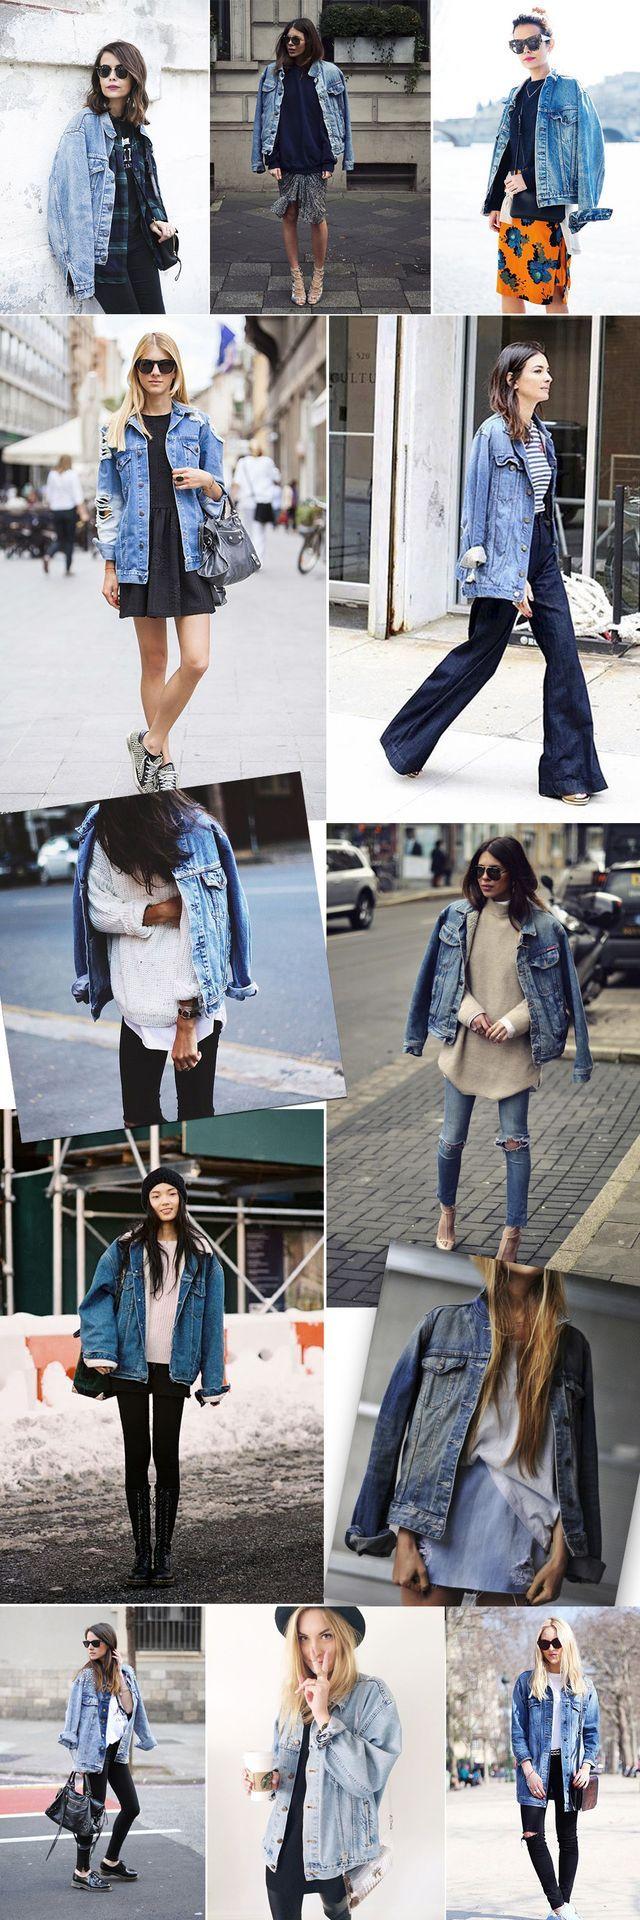 Um das maravilhas da moda é não precisar usar apenas roupas justas ou curtas só pelo fato de sermos mulheres, muuuuito pelo contrário a moda do oversized está super (e cada vez mais) em alta. #thanksg